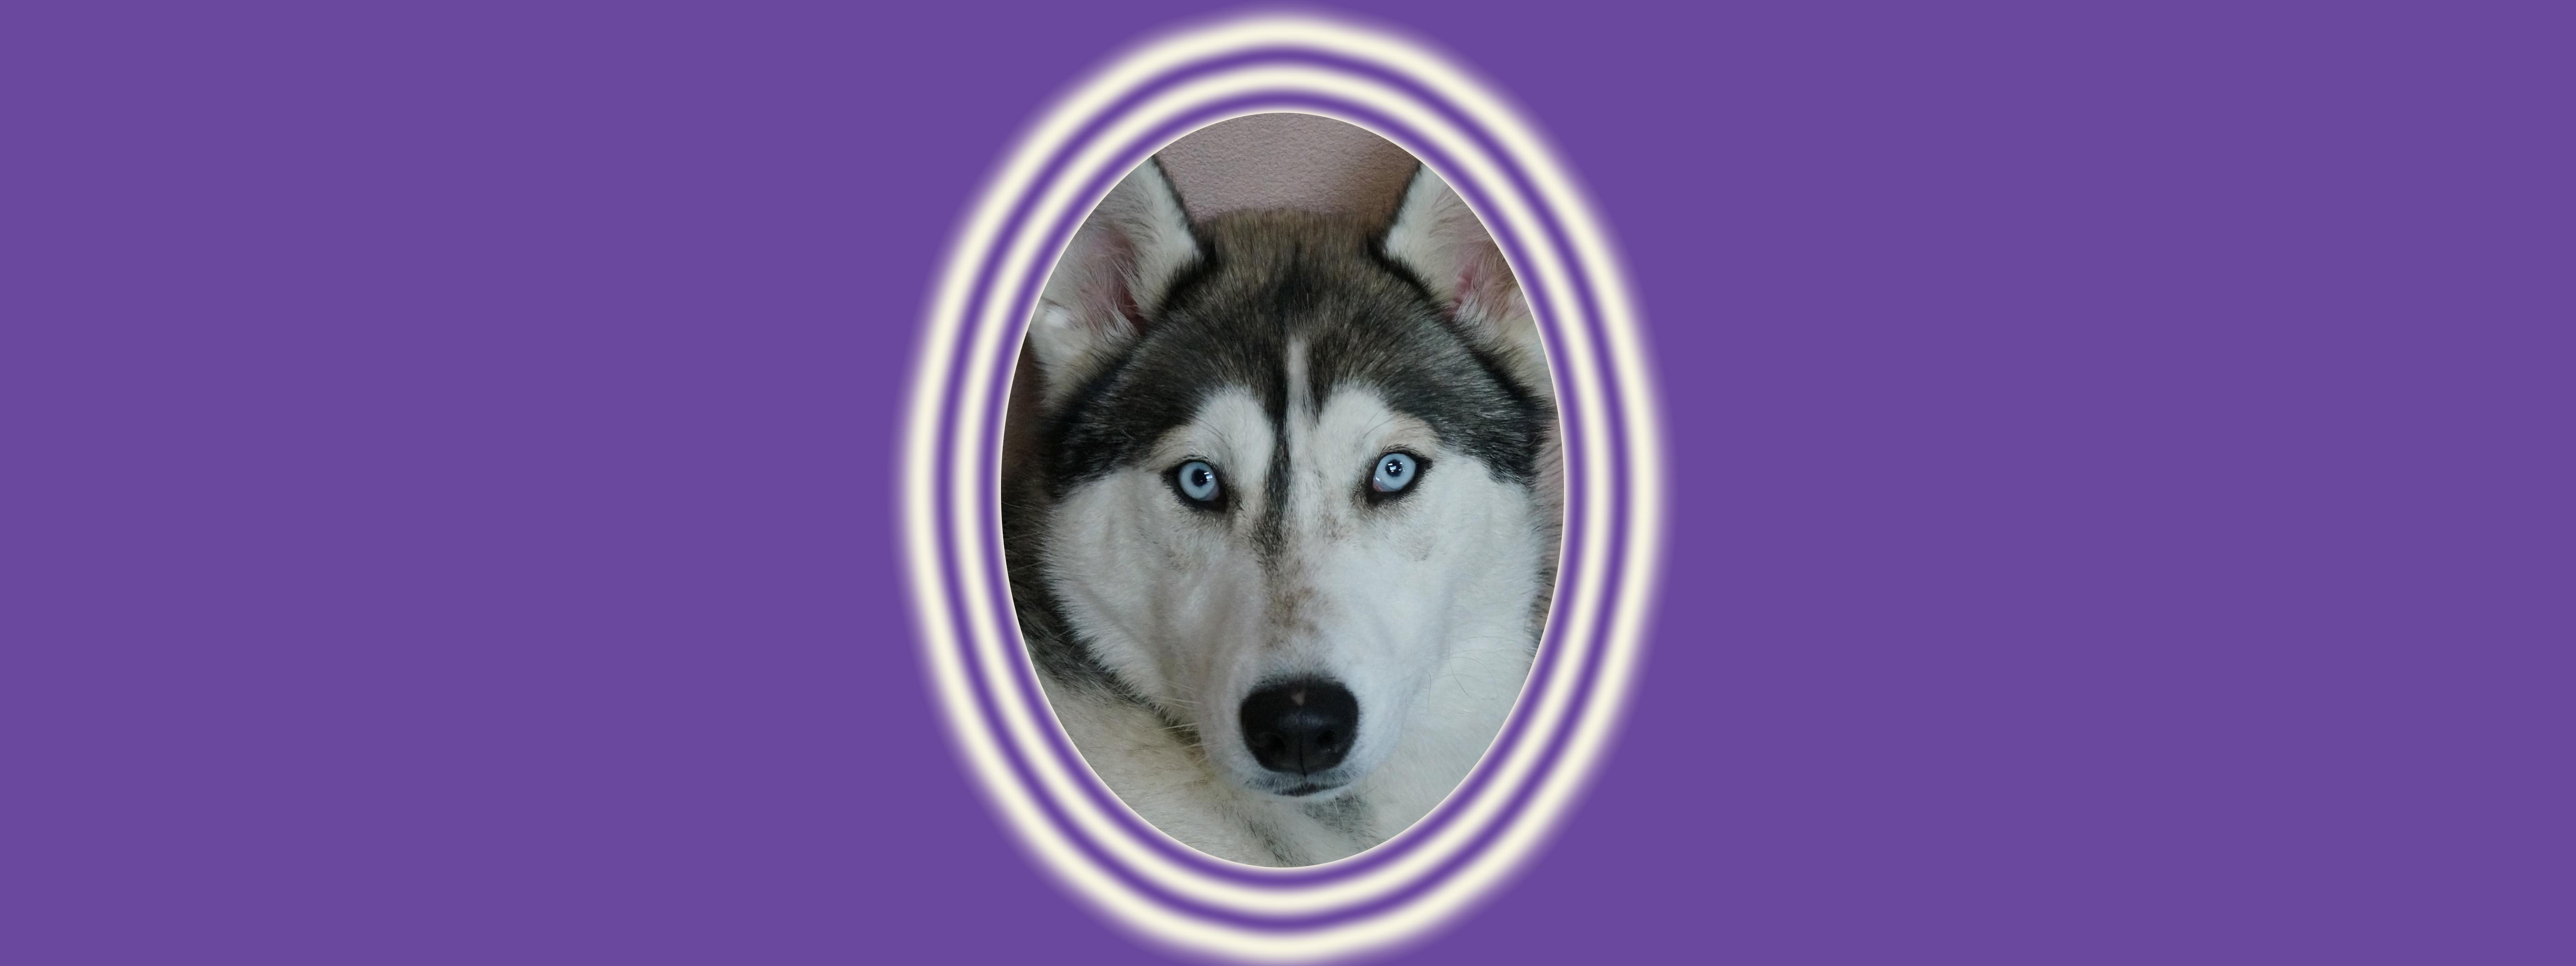 Dog of the Week: Leia G.